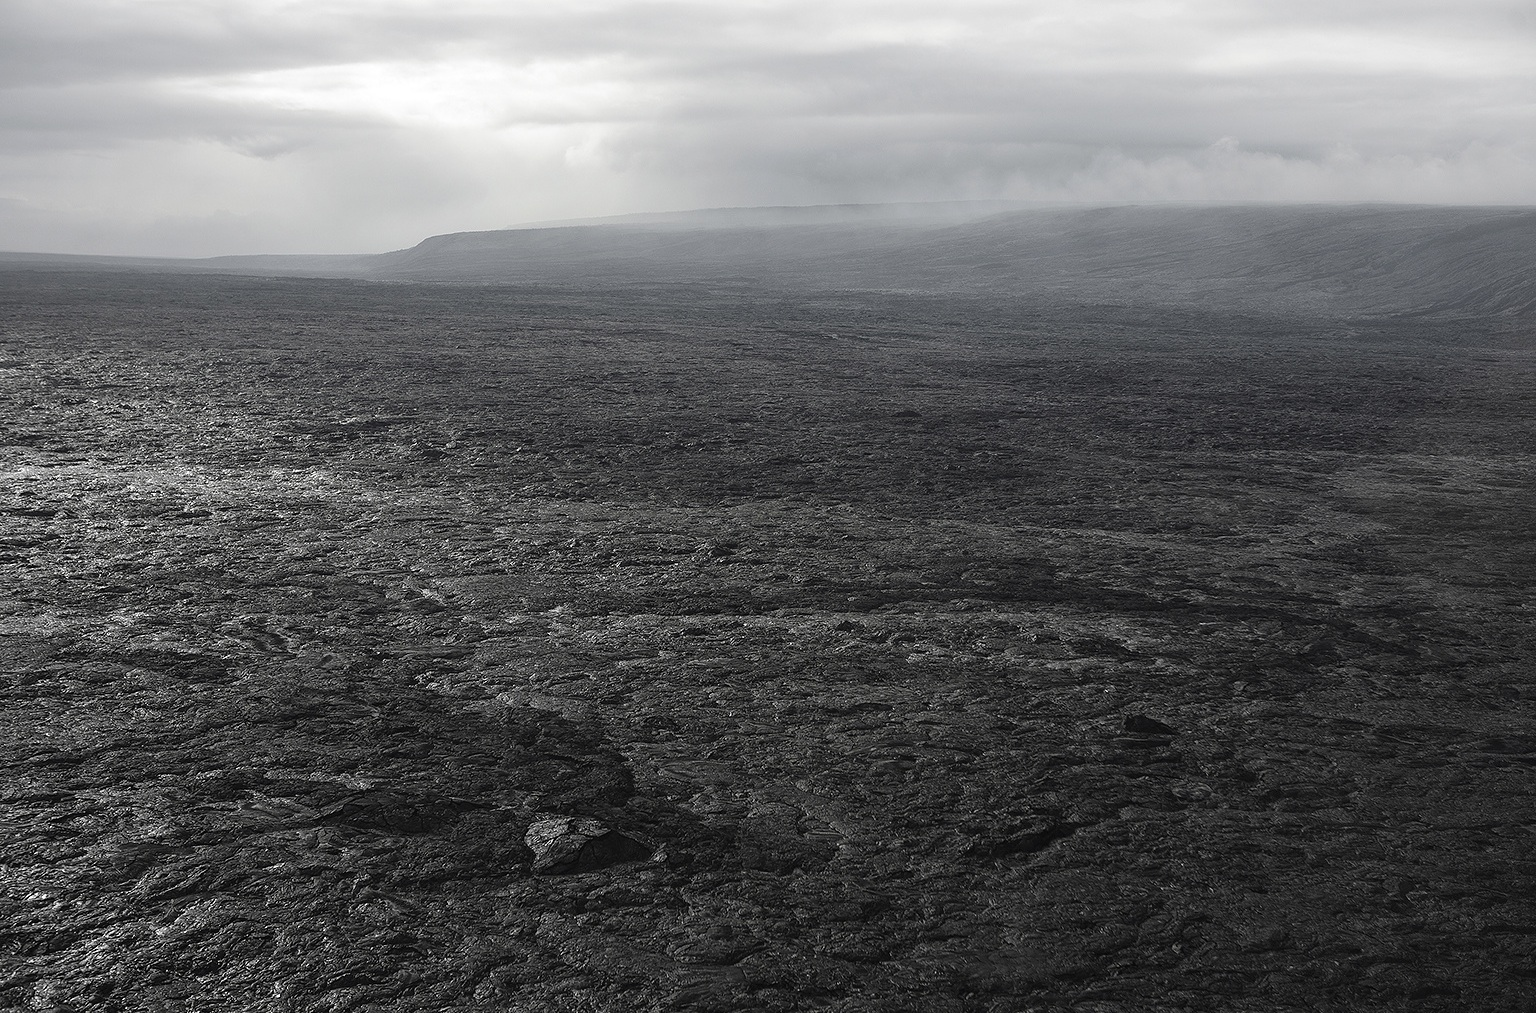 Monochrome stormy landscape